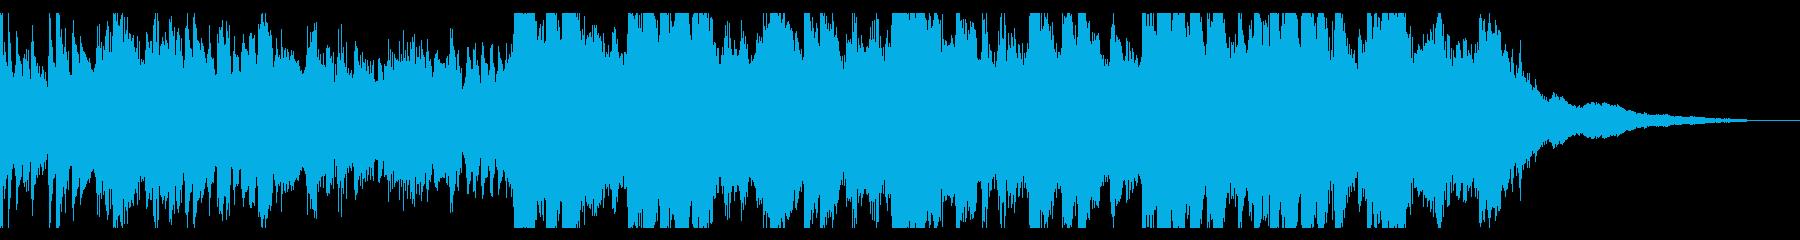 キラキラ繊細なピアノのオープニング30秒の再生済みの波形